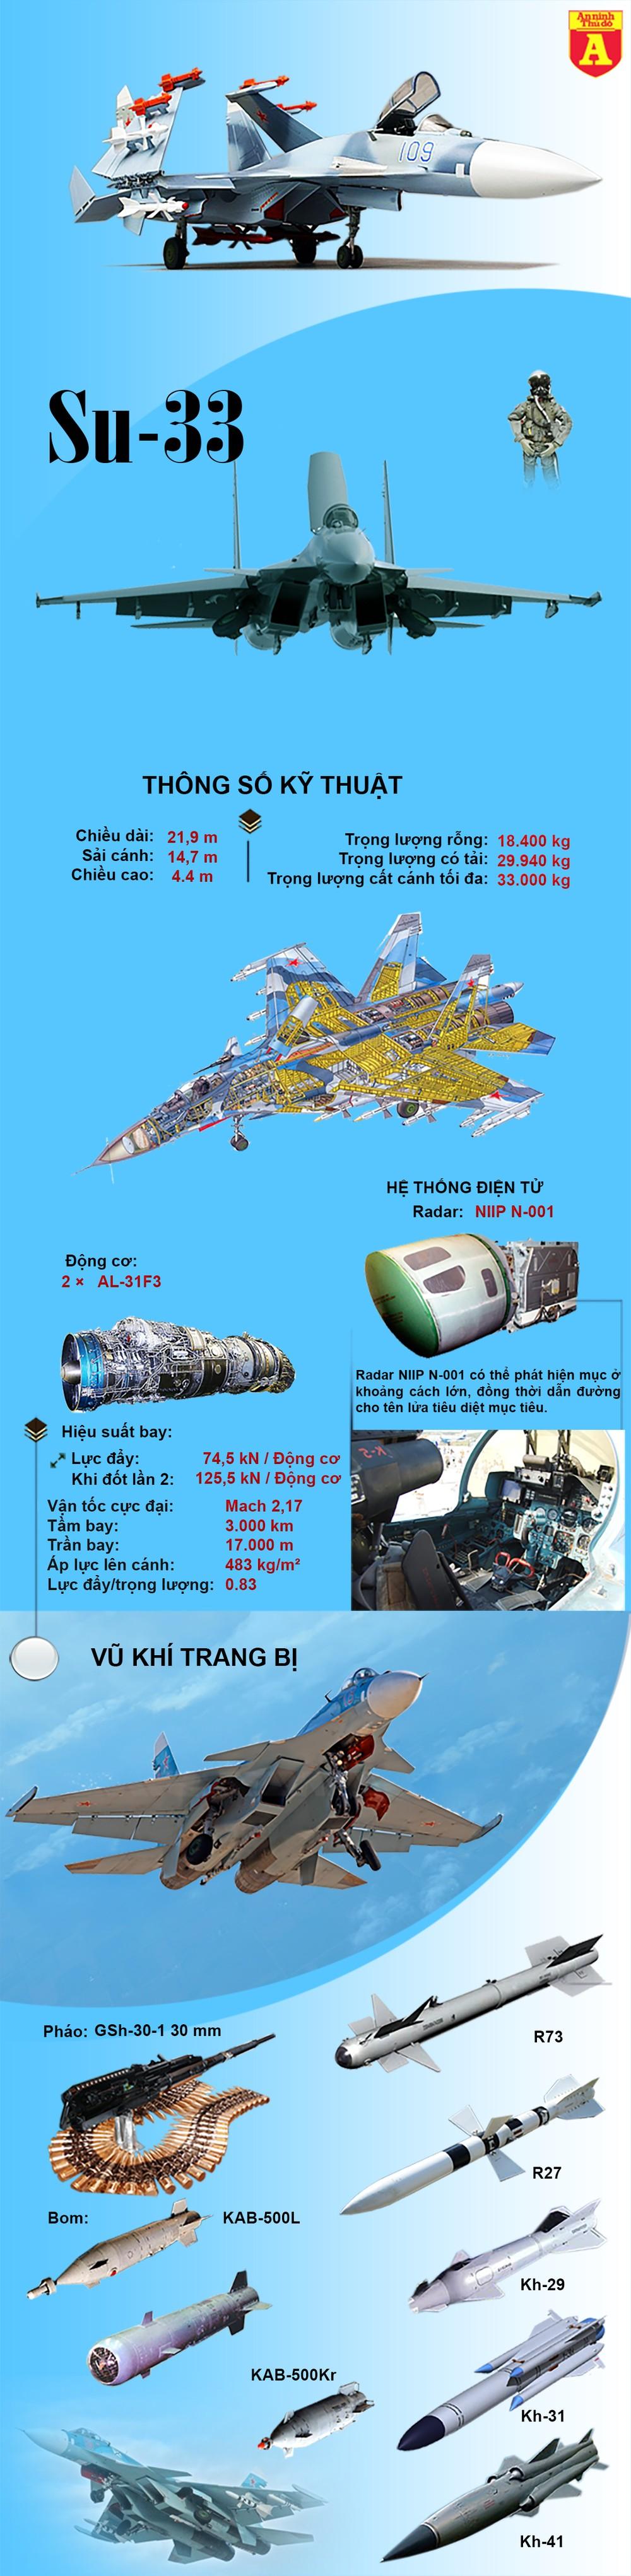 [Info] Tiêm kích hạm Nga chỉ mang được số vũ khí bằng phân nửa so với Mỹ ảnh 2